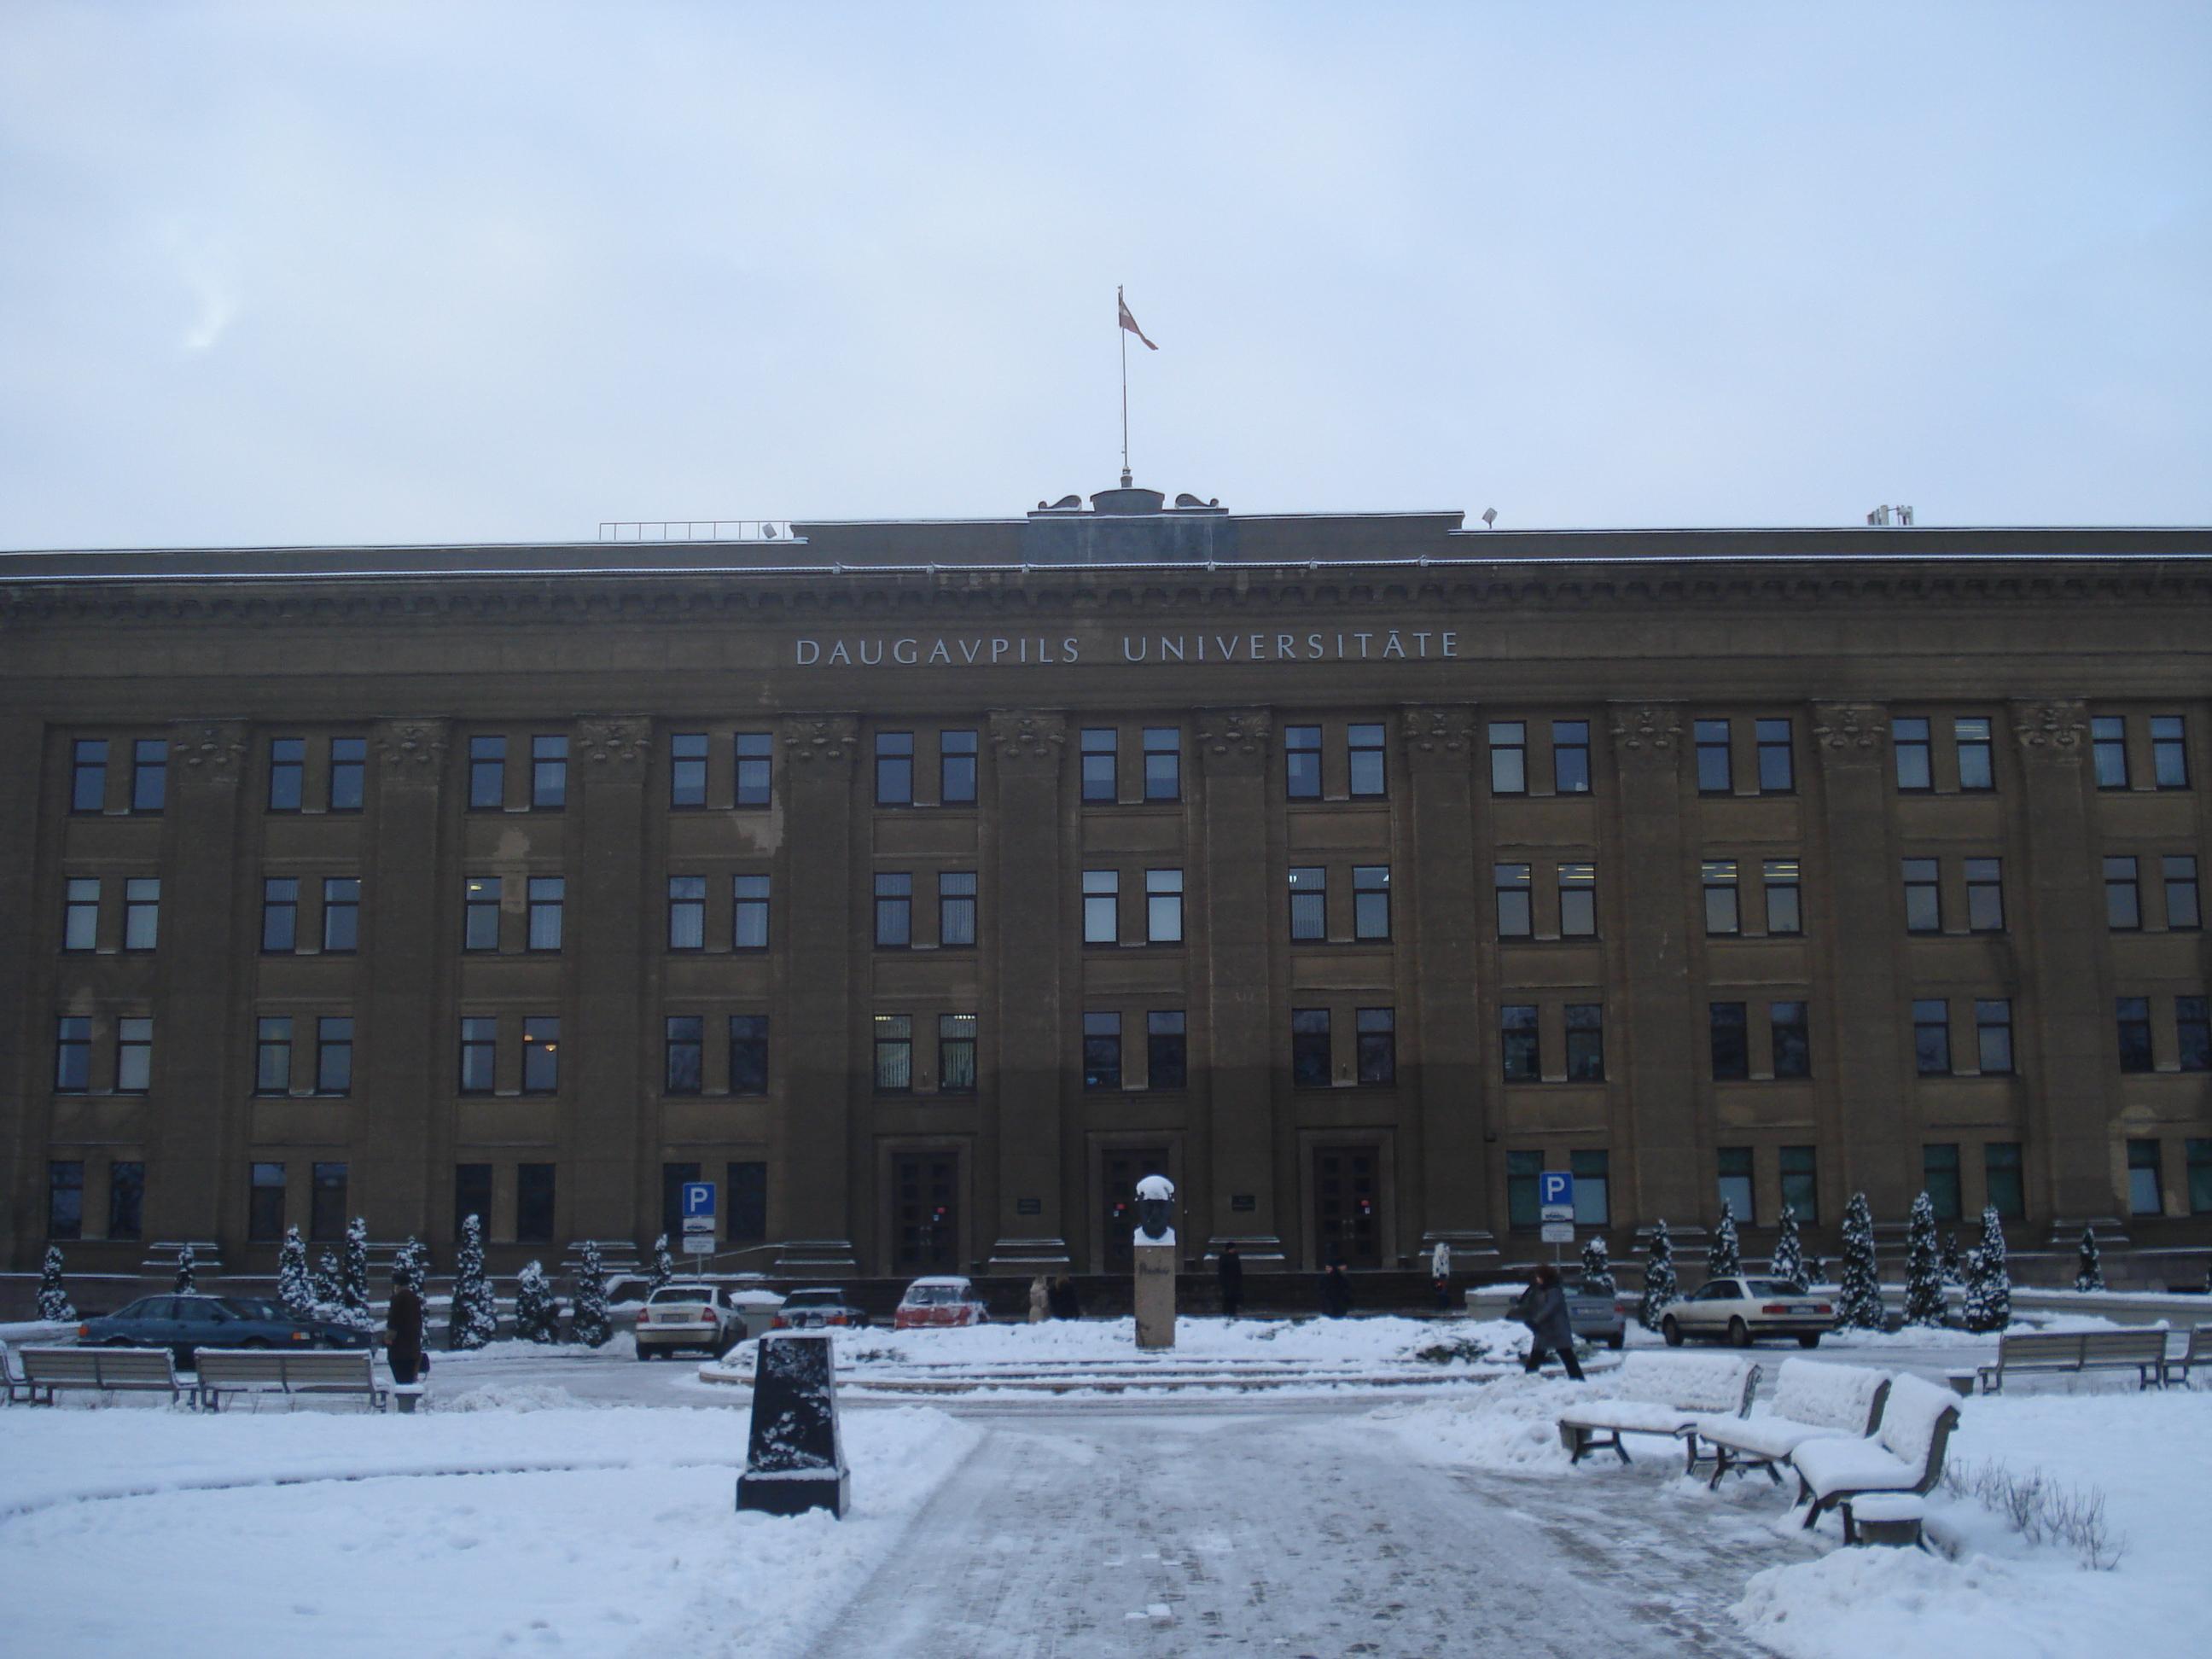 Daugavpils university original